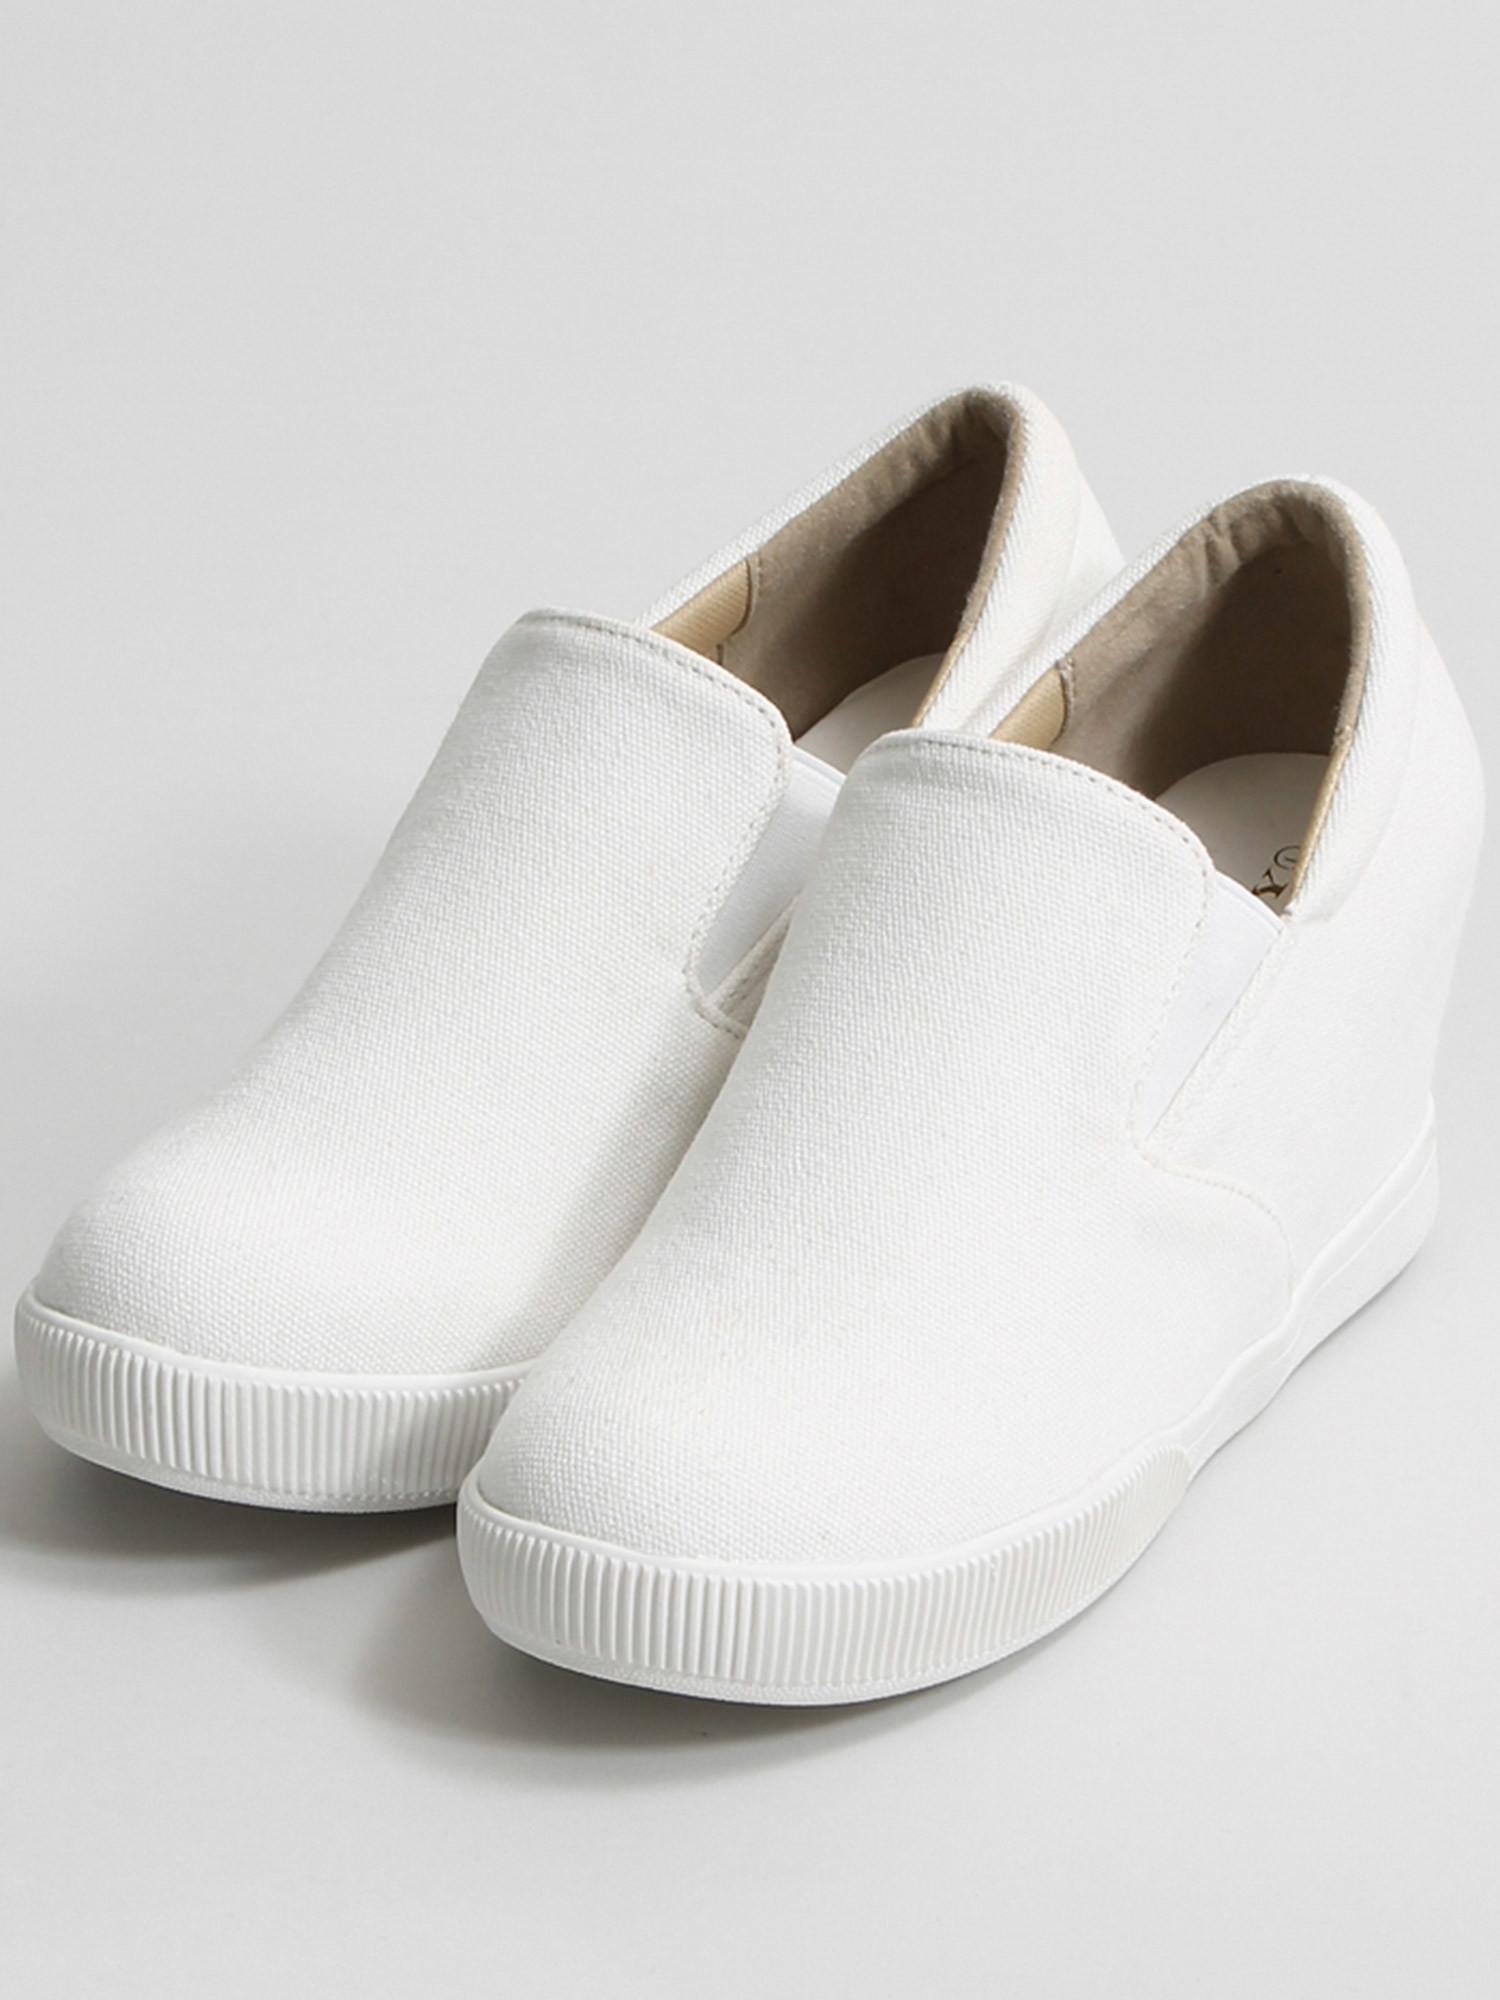 インヒールスリッポン WEGO 型番A0GC00002UF4♪ 靴 レディース WEGO 682427,A0GC00002UF4 PC&タブレット&ipad&スマホで欲しいならココで通販